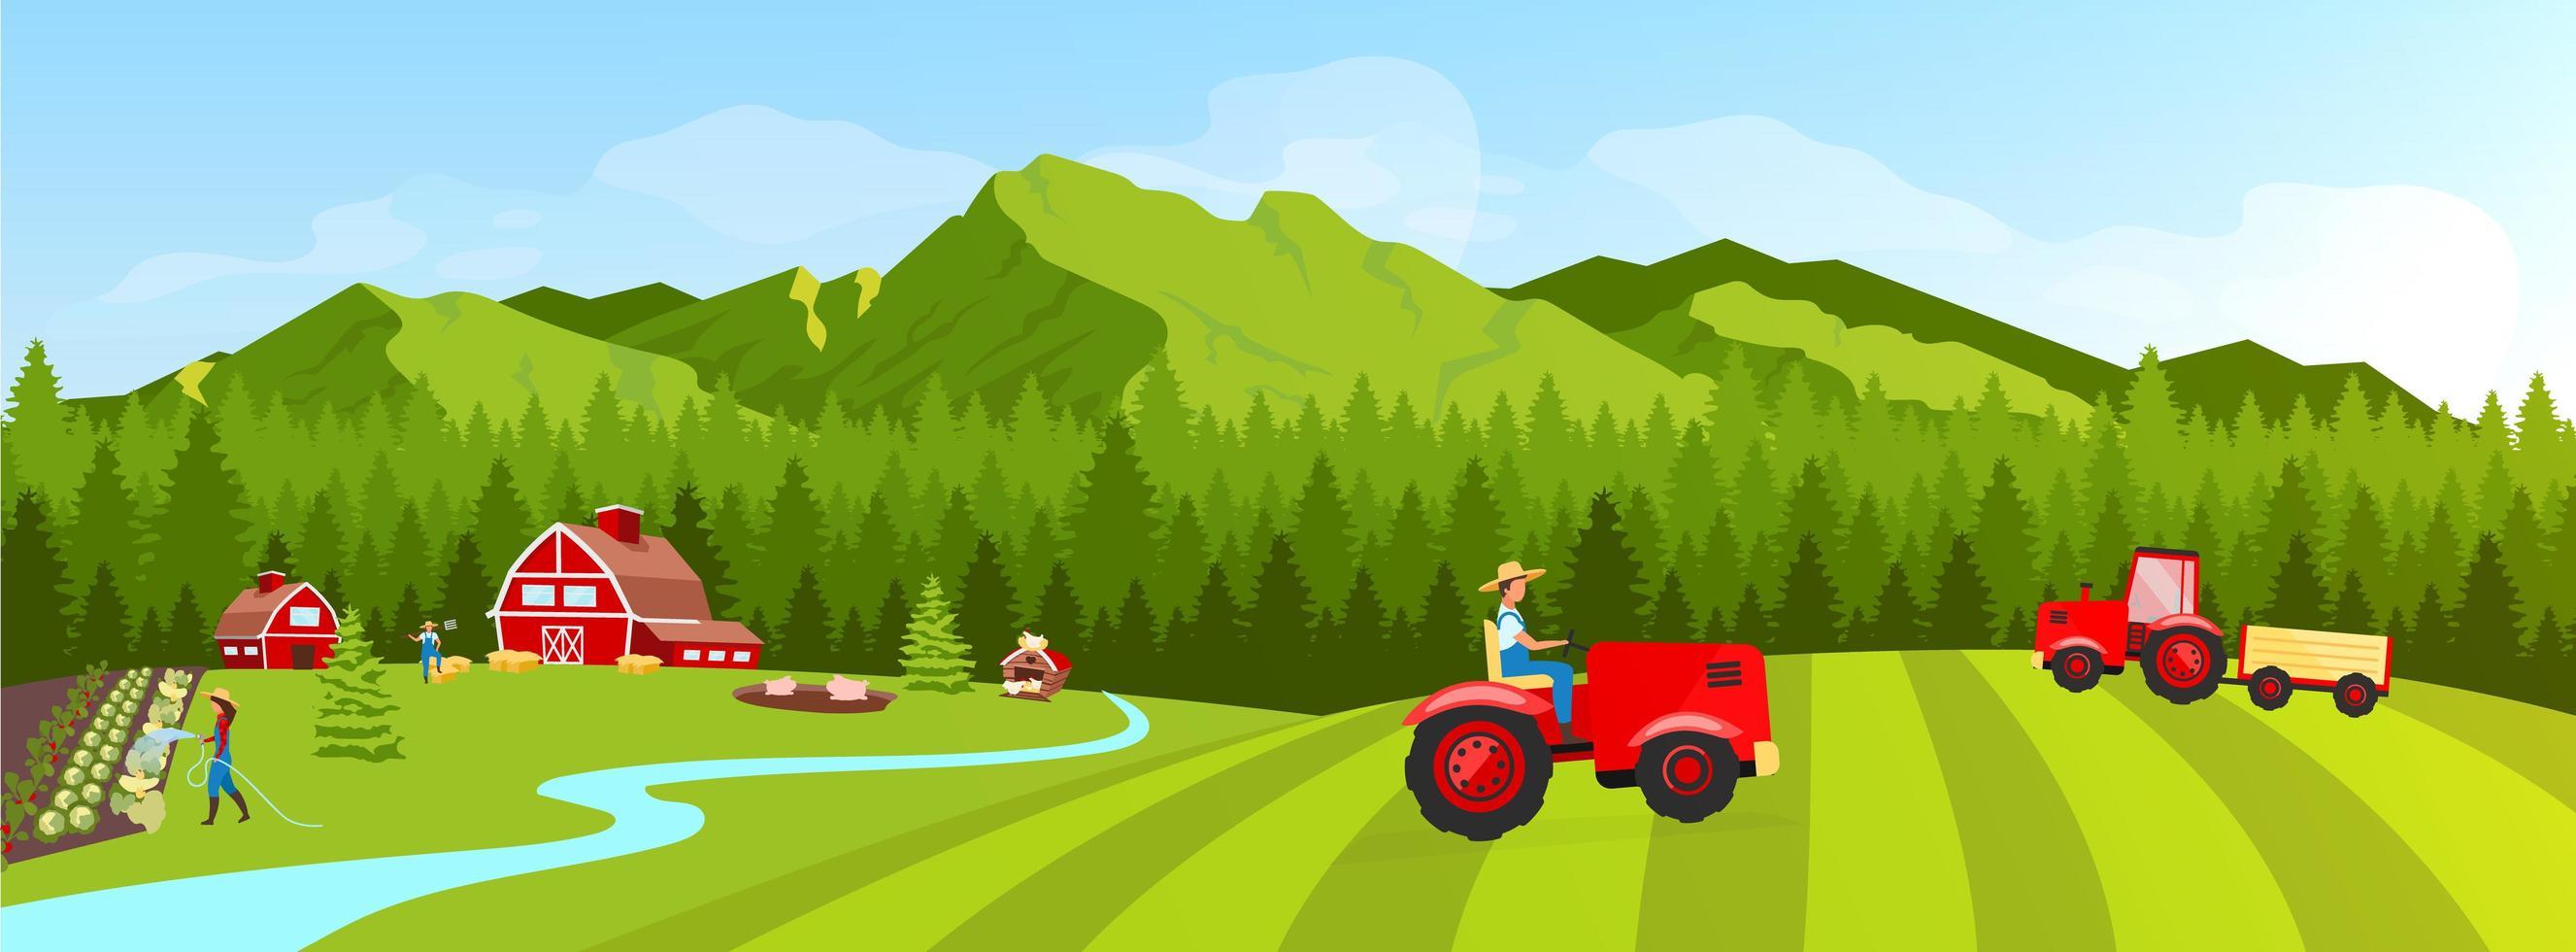 Traktor auf dem Ackerland vektor